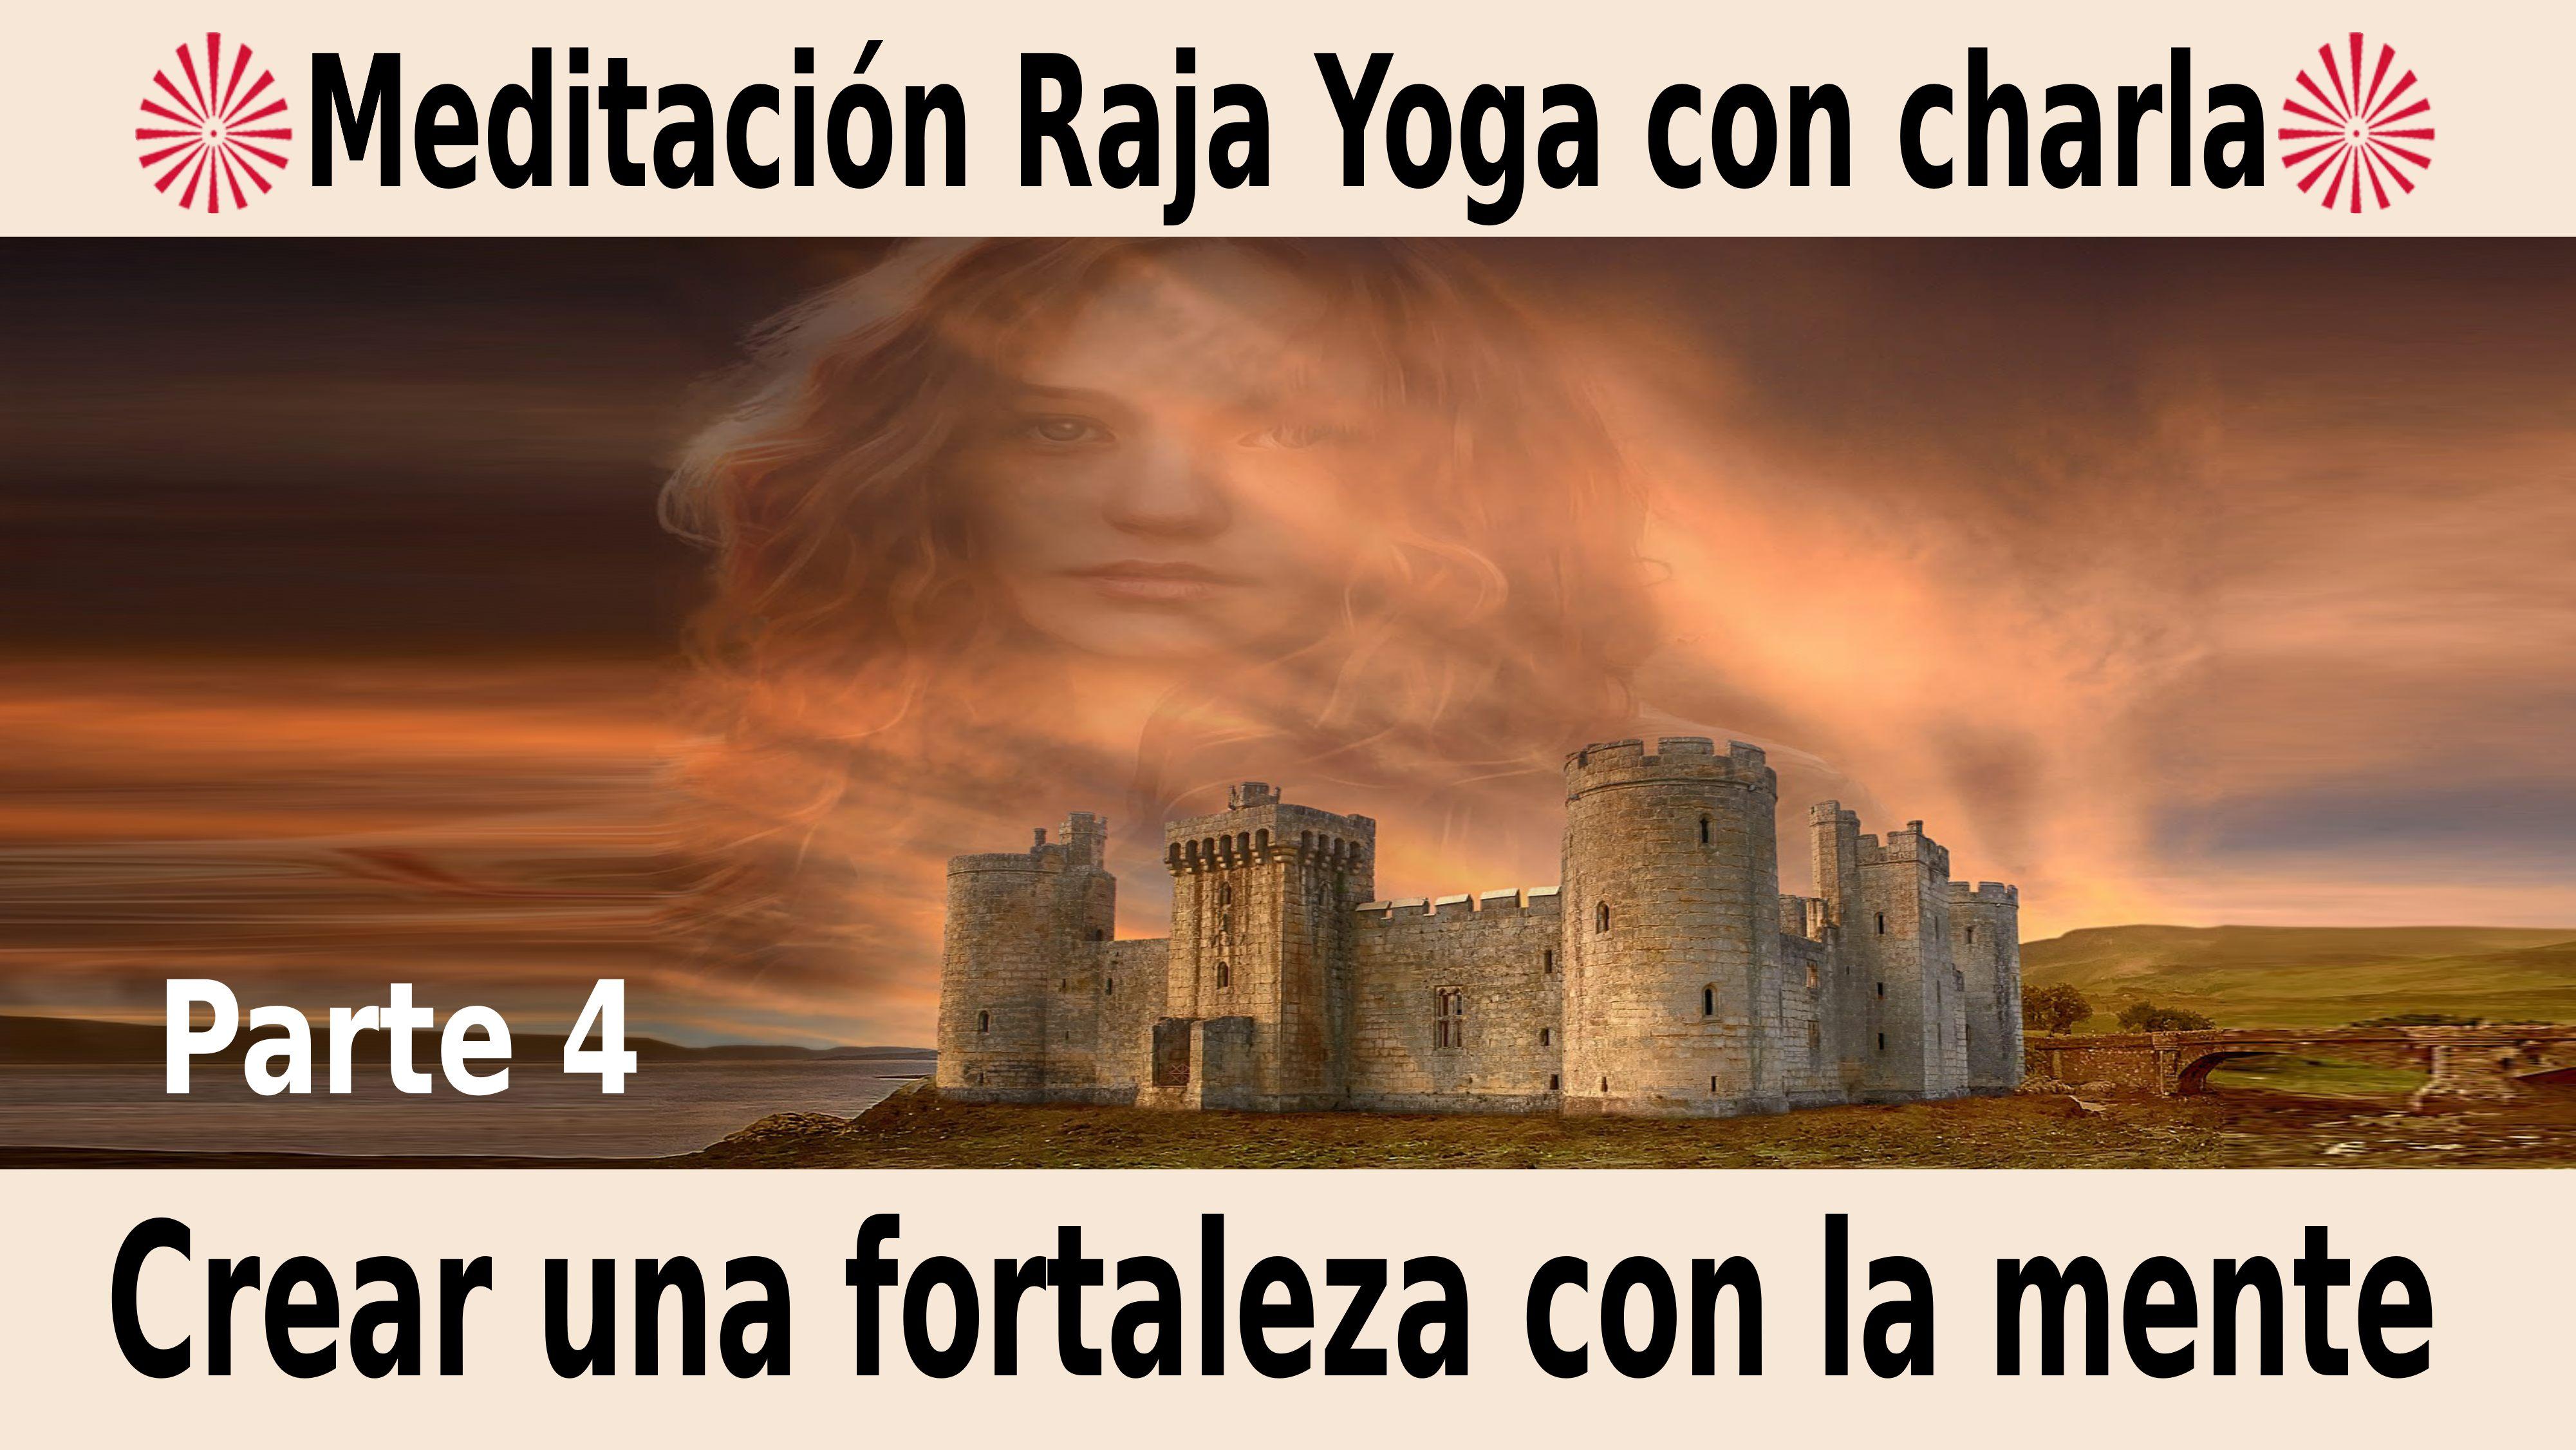 Meditación Raja Yoga con charla: Crear una fortaleza con la mente (4ª parte) (24 Noviembre 2020) On-line desde Madrid